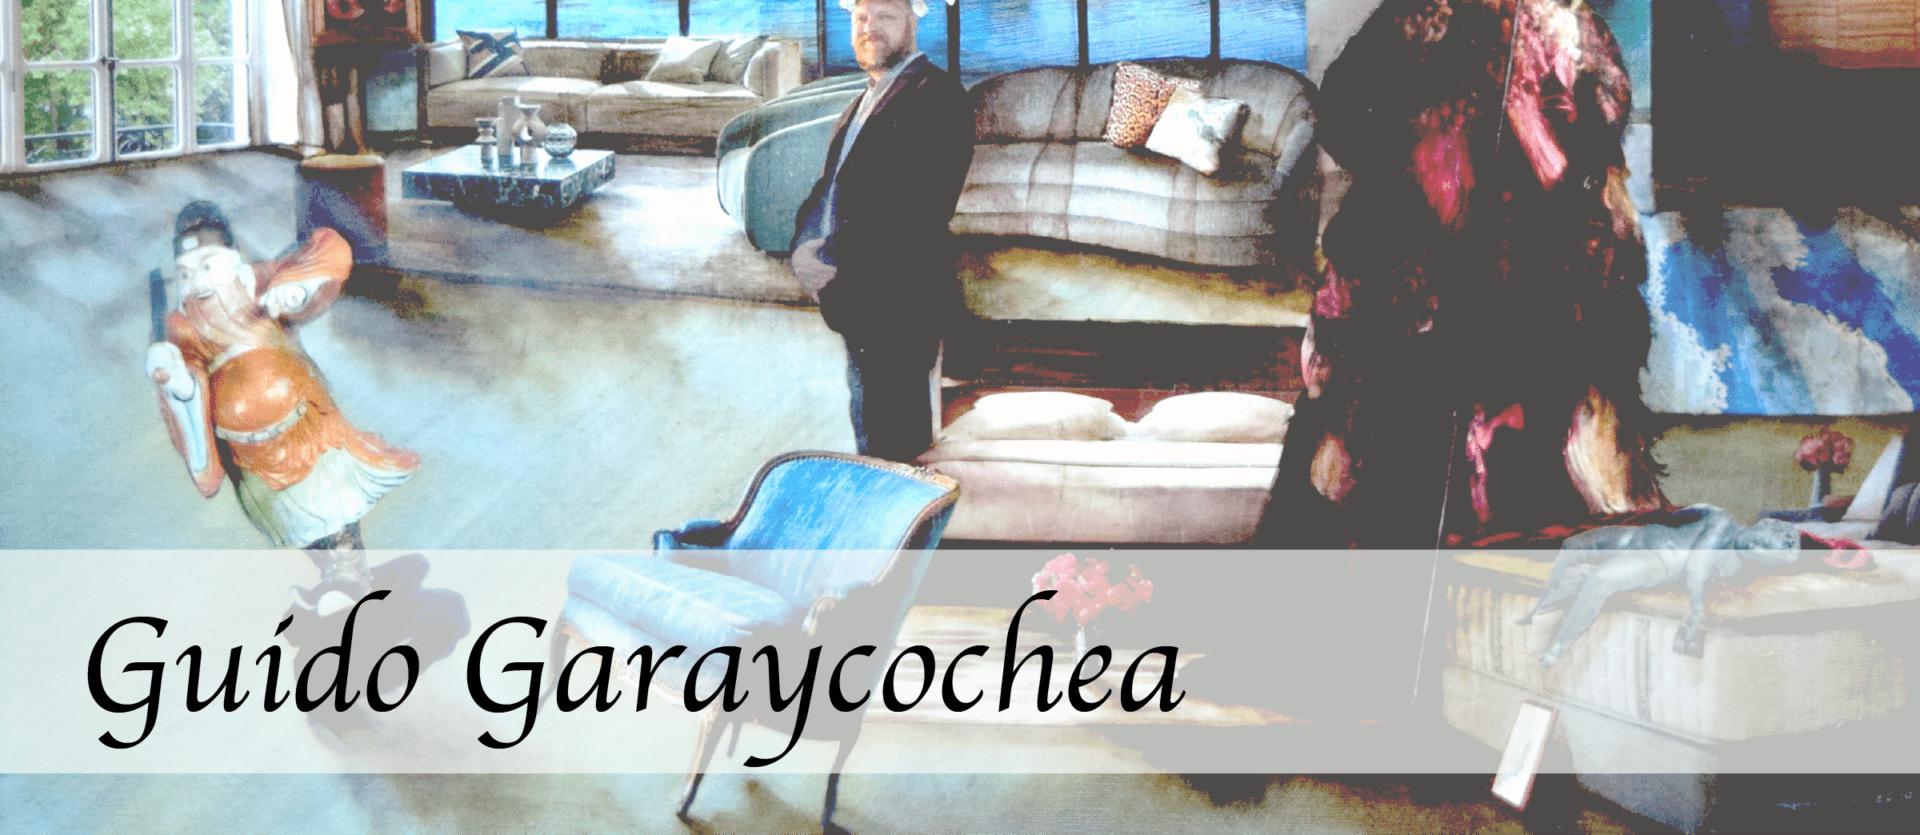 Garaycochea_Banner